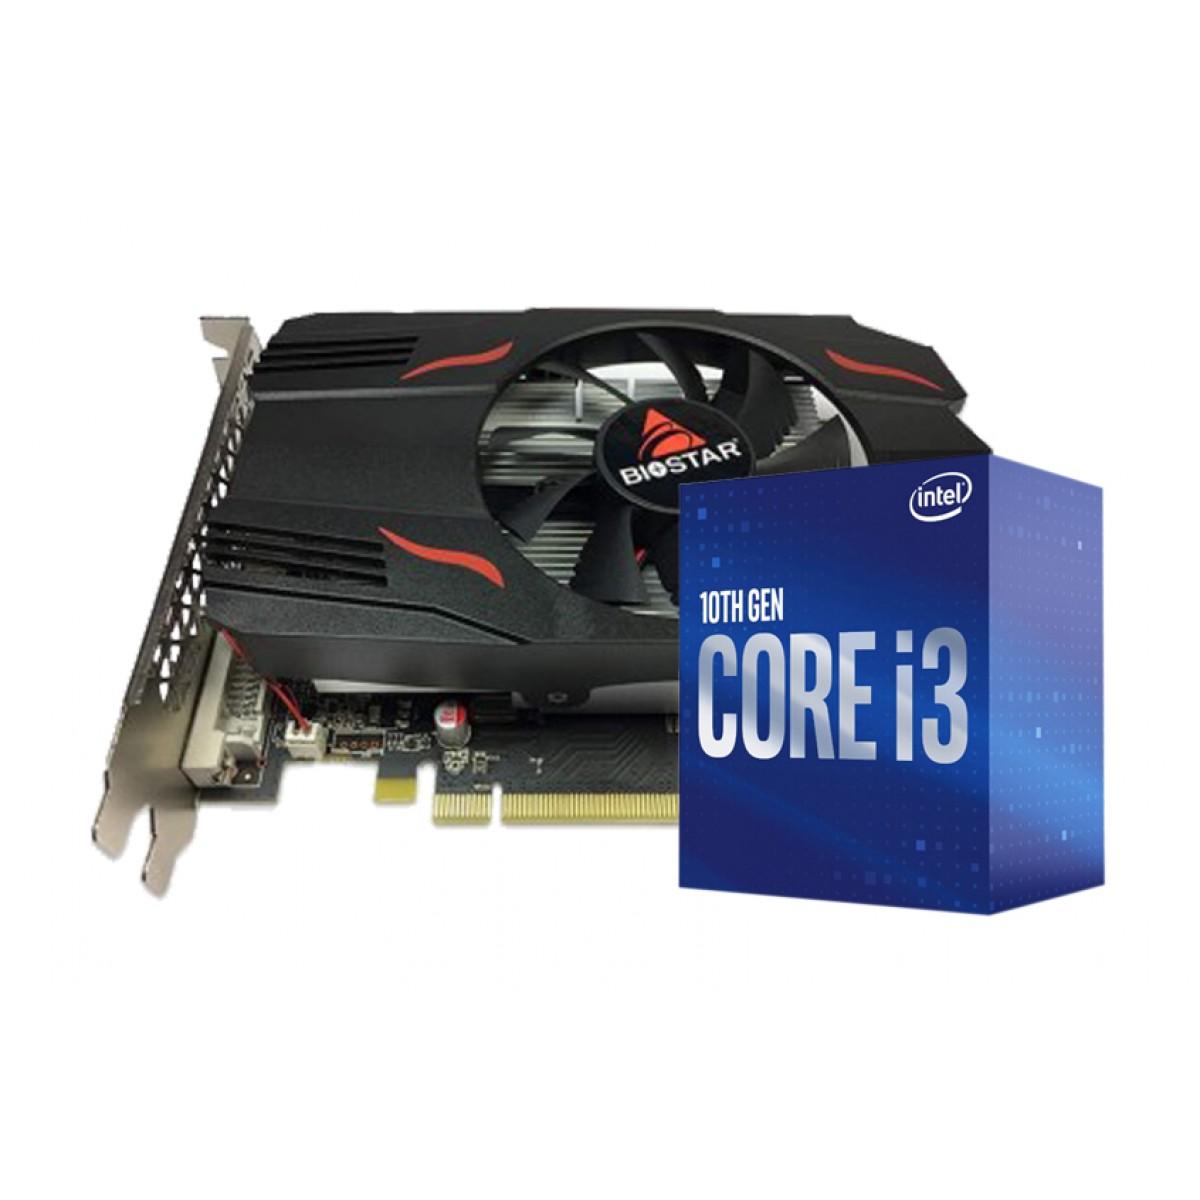 Kit Upgrade Biostar Radeon RX 550 4GB + Intel Core i3 10105F